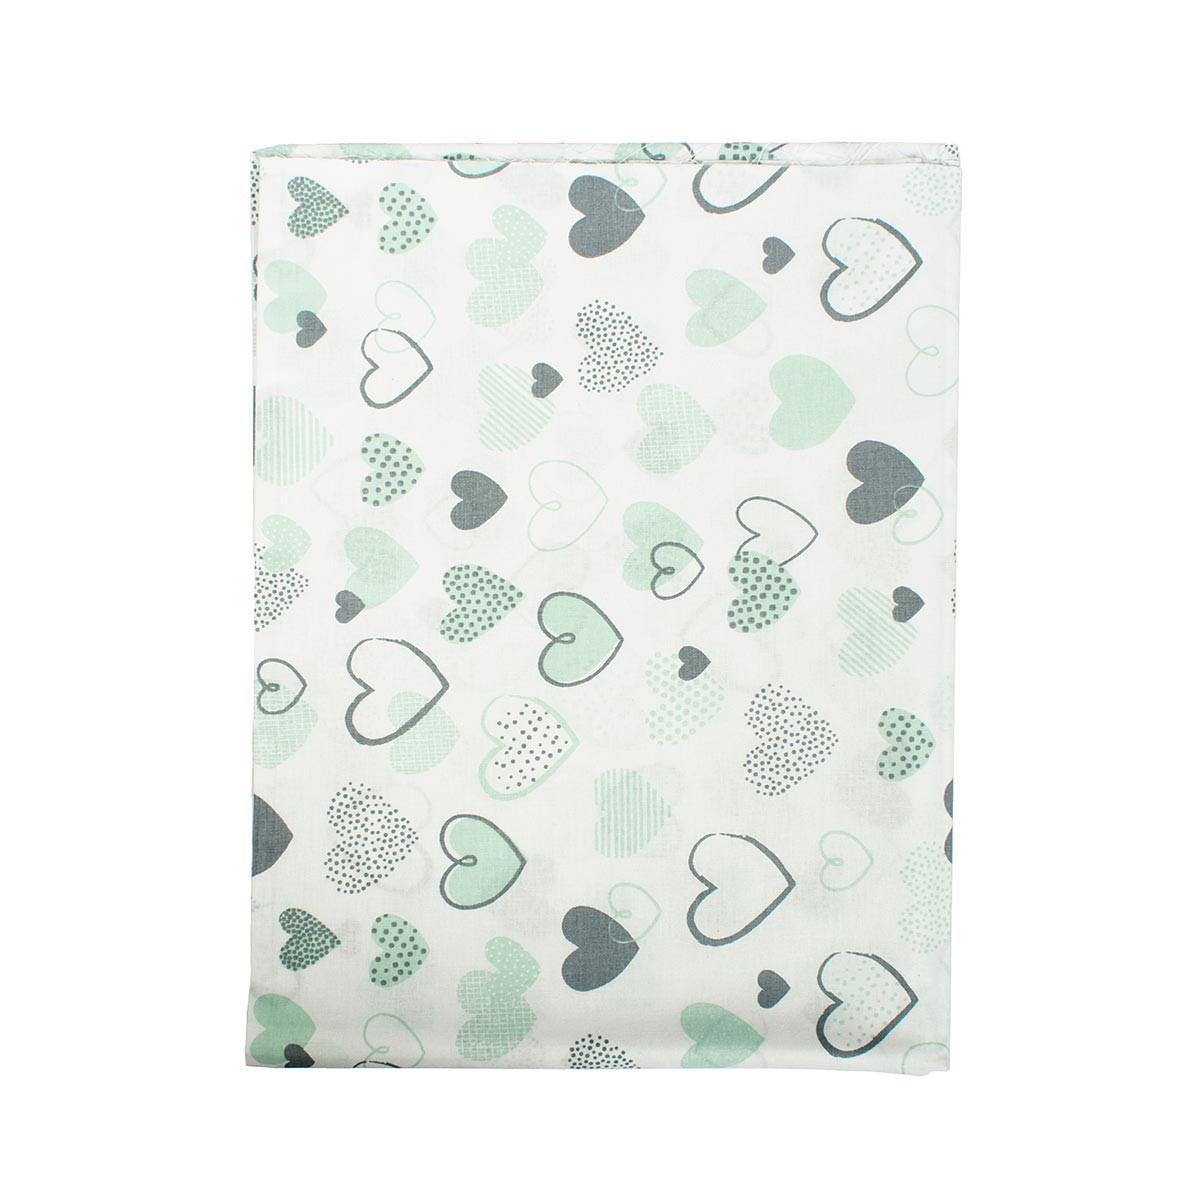 Σεντόνια Μονά (Σετ 2τμχ) Dimcol Hearts 10 Green